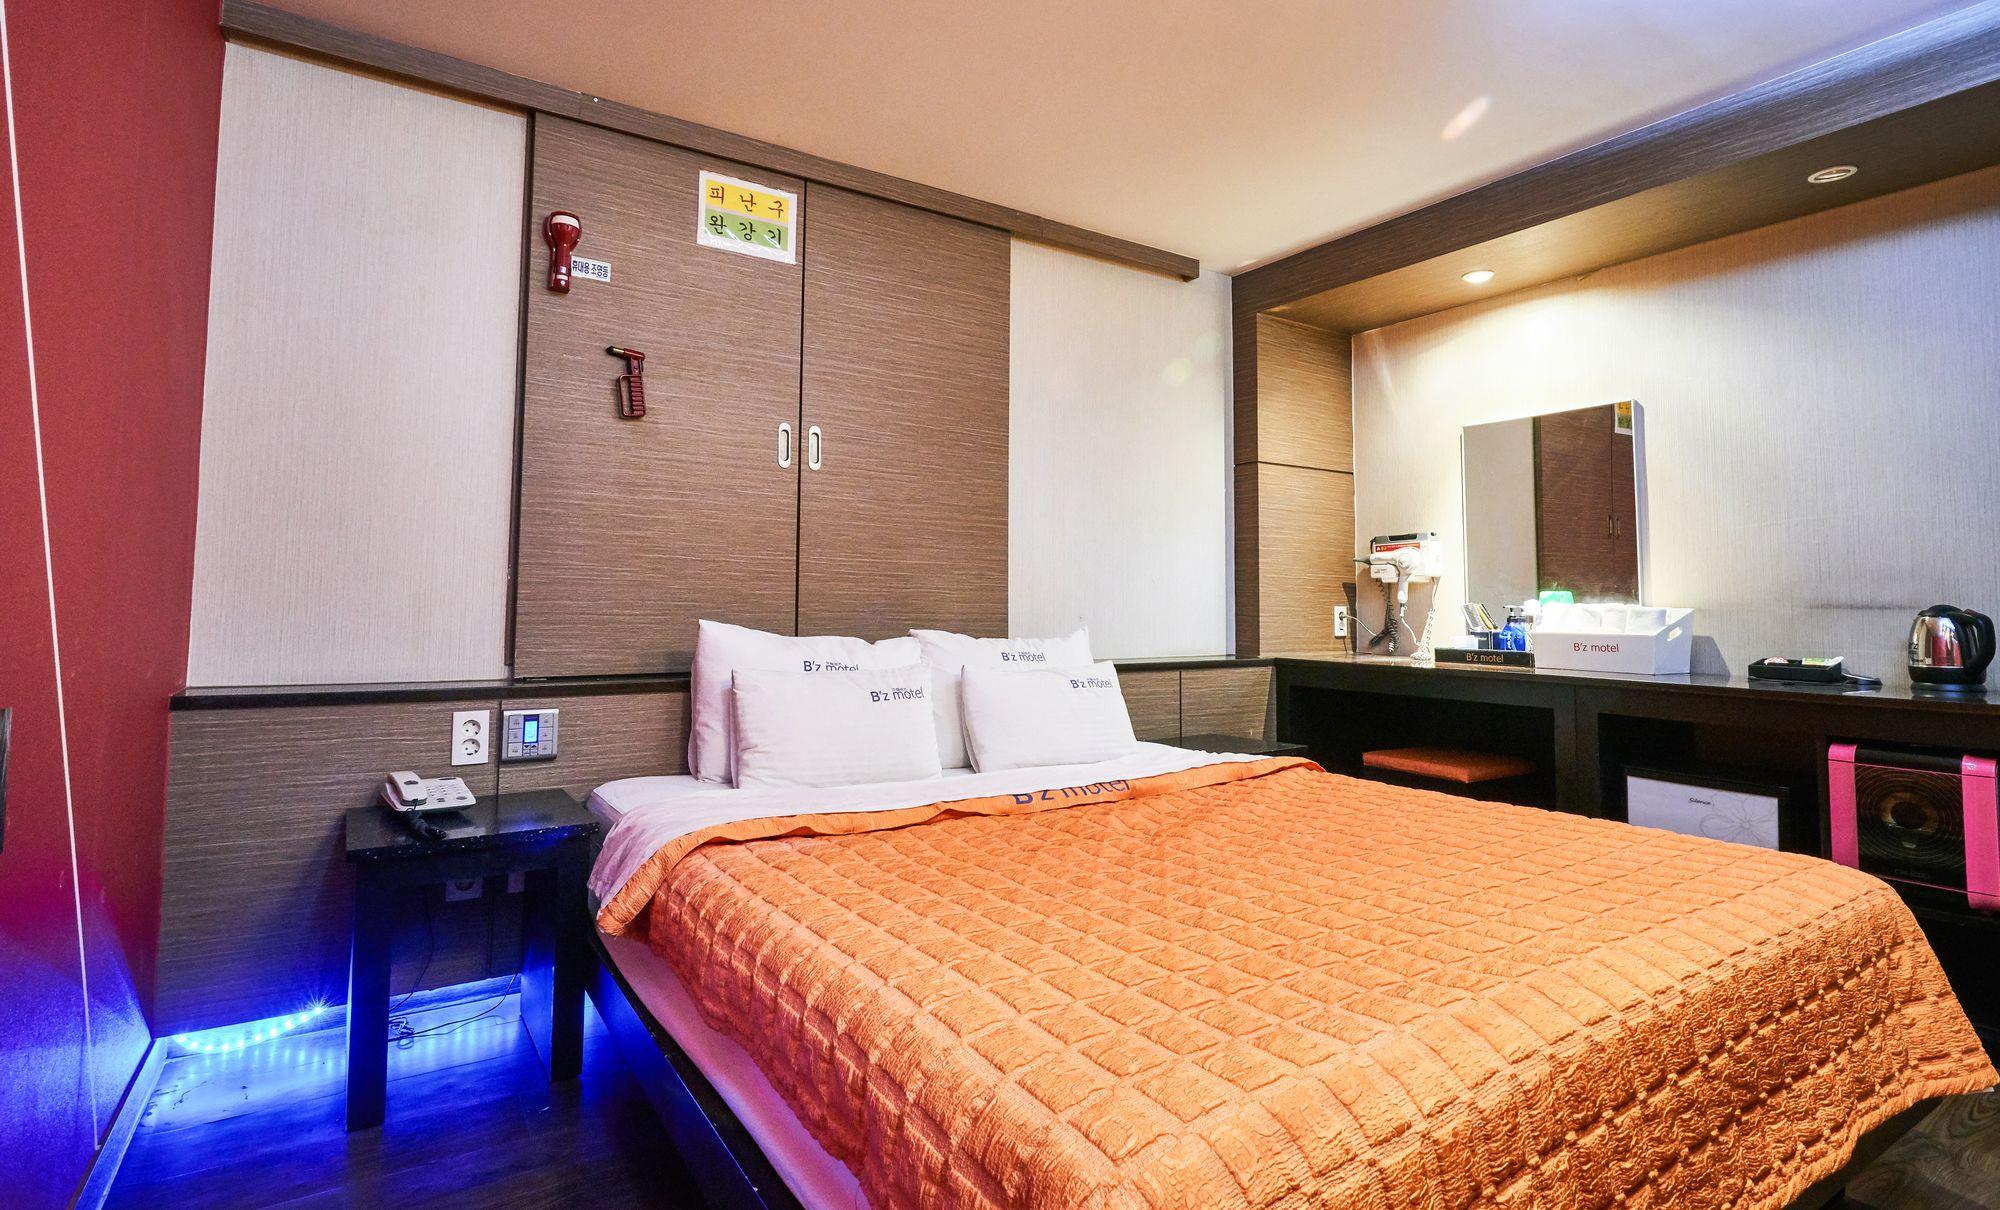 Bz Hotel